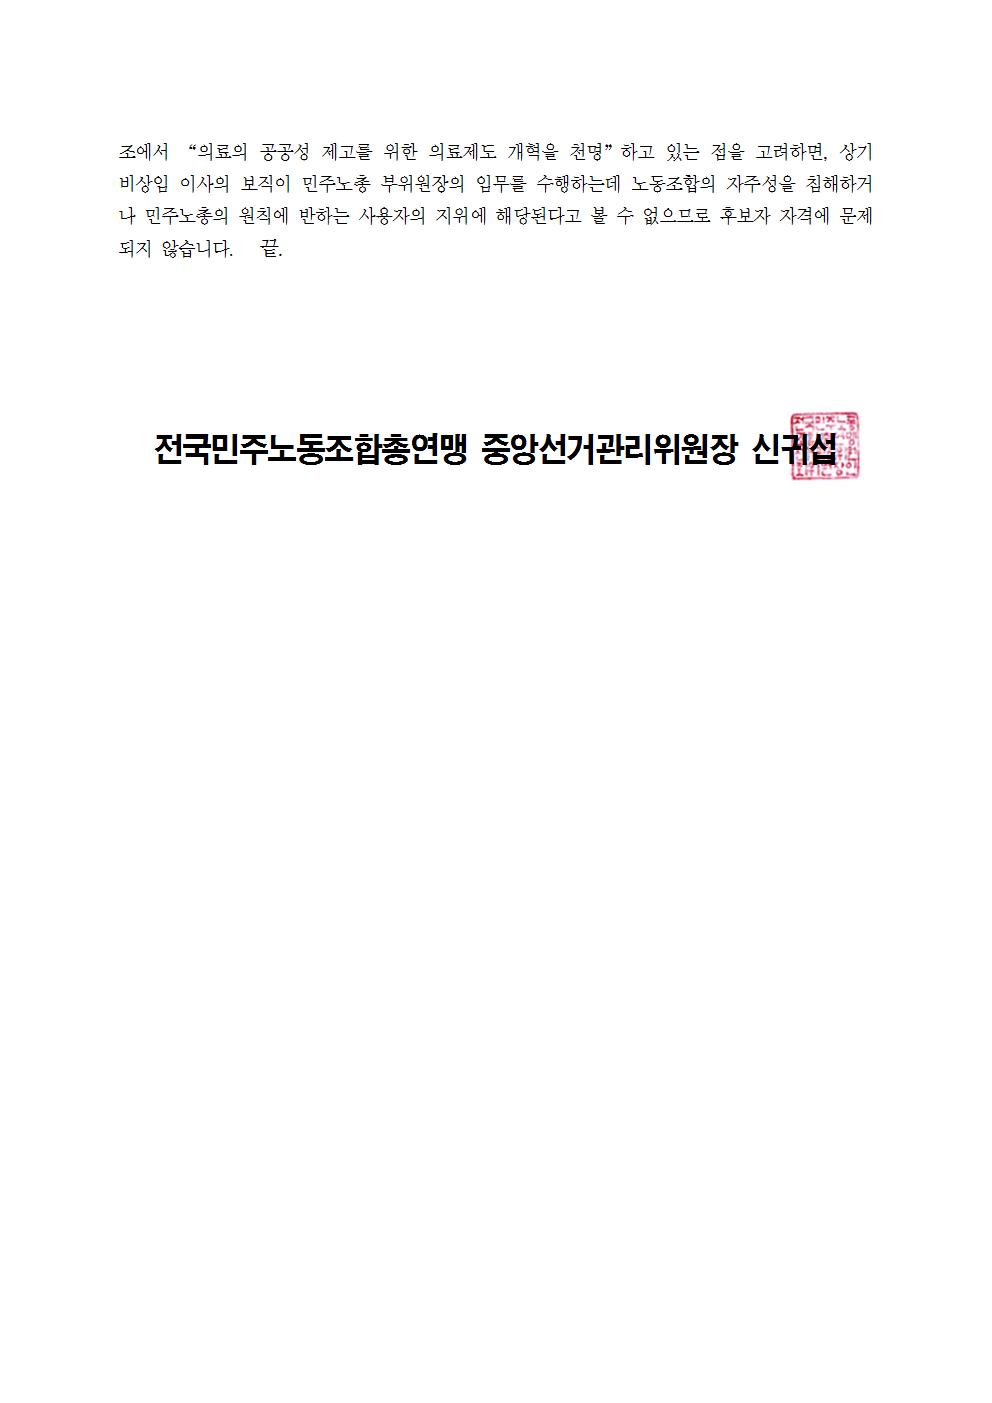 17kctu1001_기호1번 수석부위원장 후보자 '후보 자격 문제' 질의에 대한 답변002.png